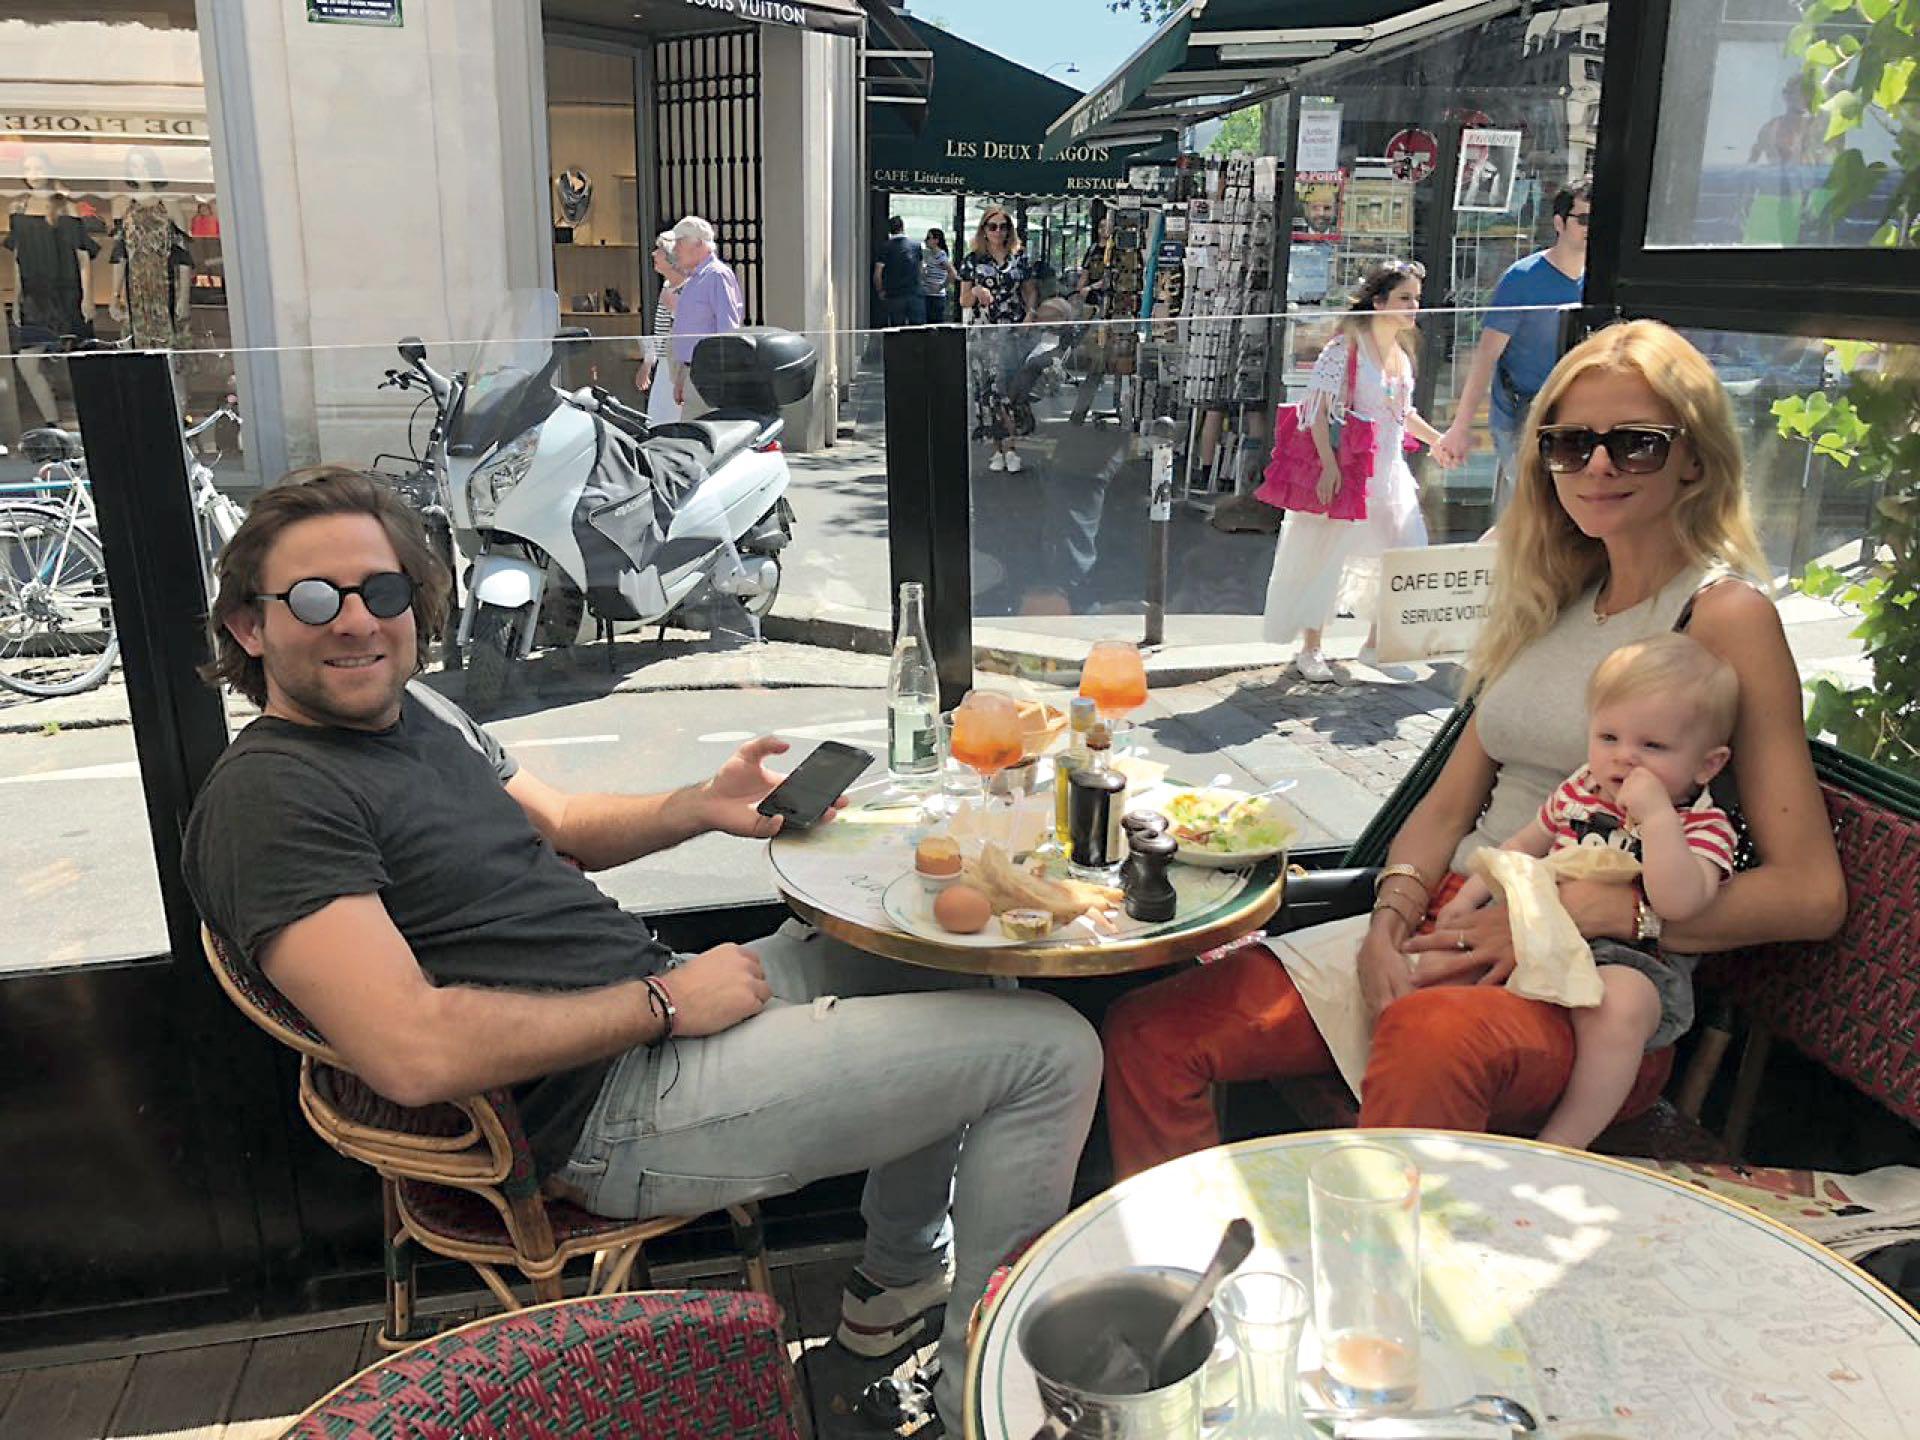 Almuerzo familiar de domingo, en París.